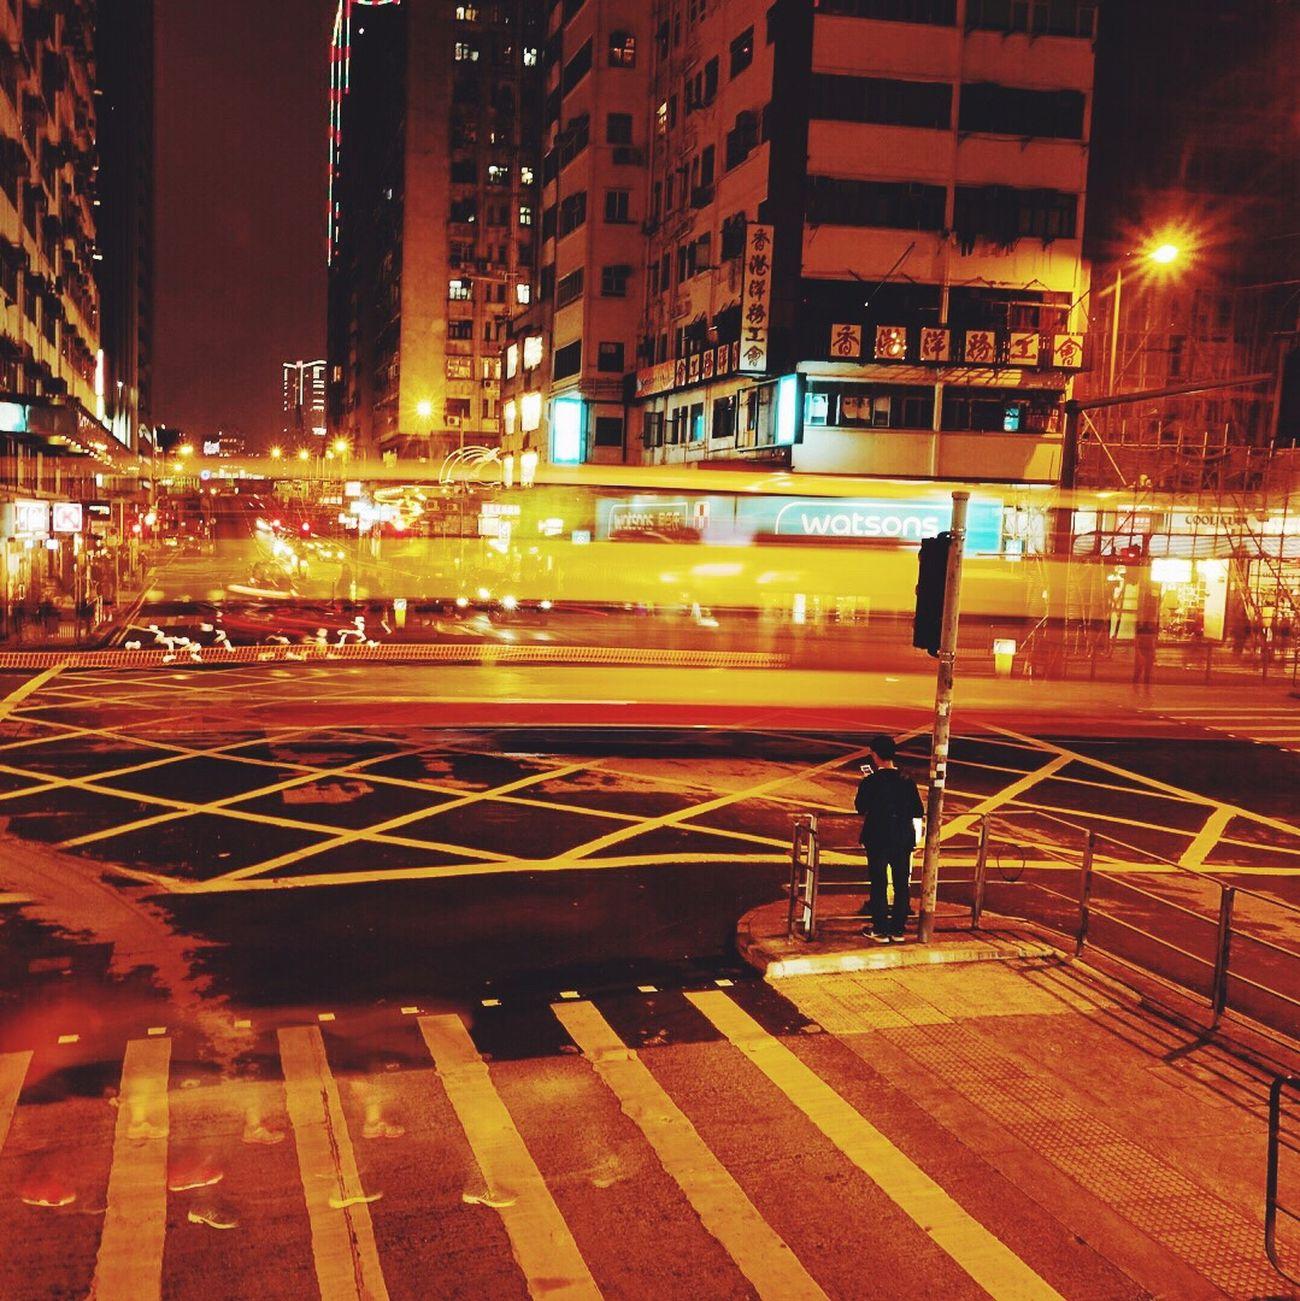 Hk Light 夜景 延时摄影 马路 香港